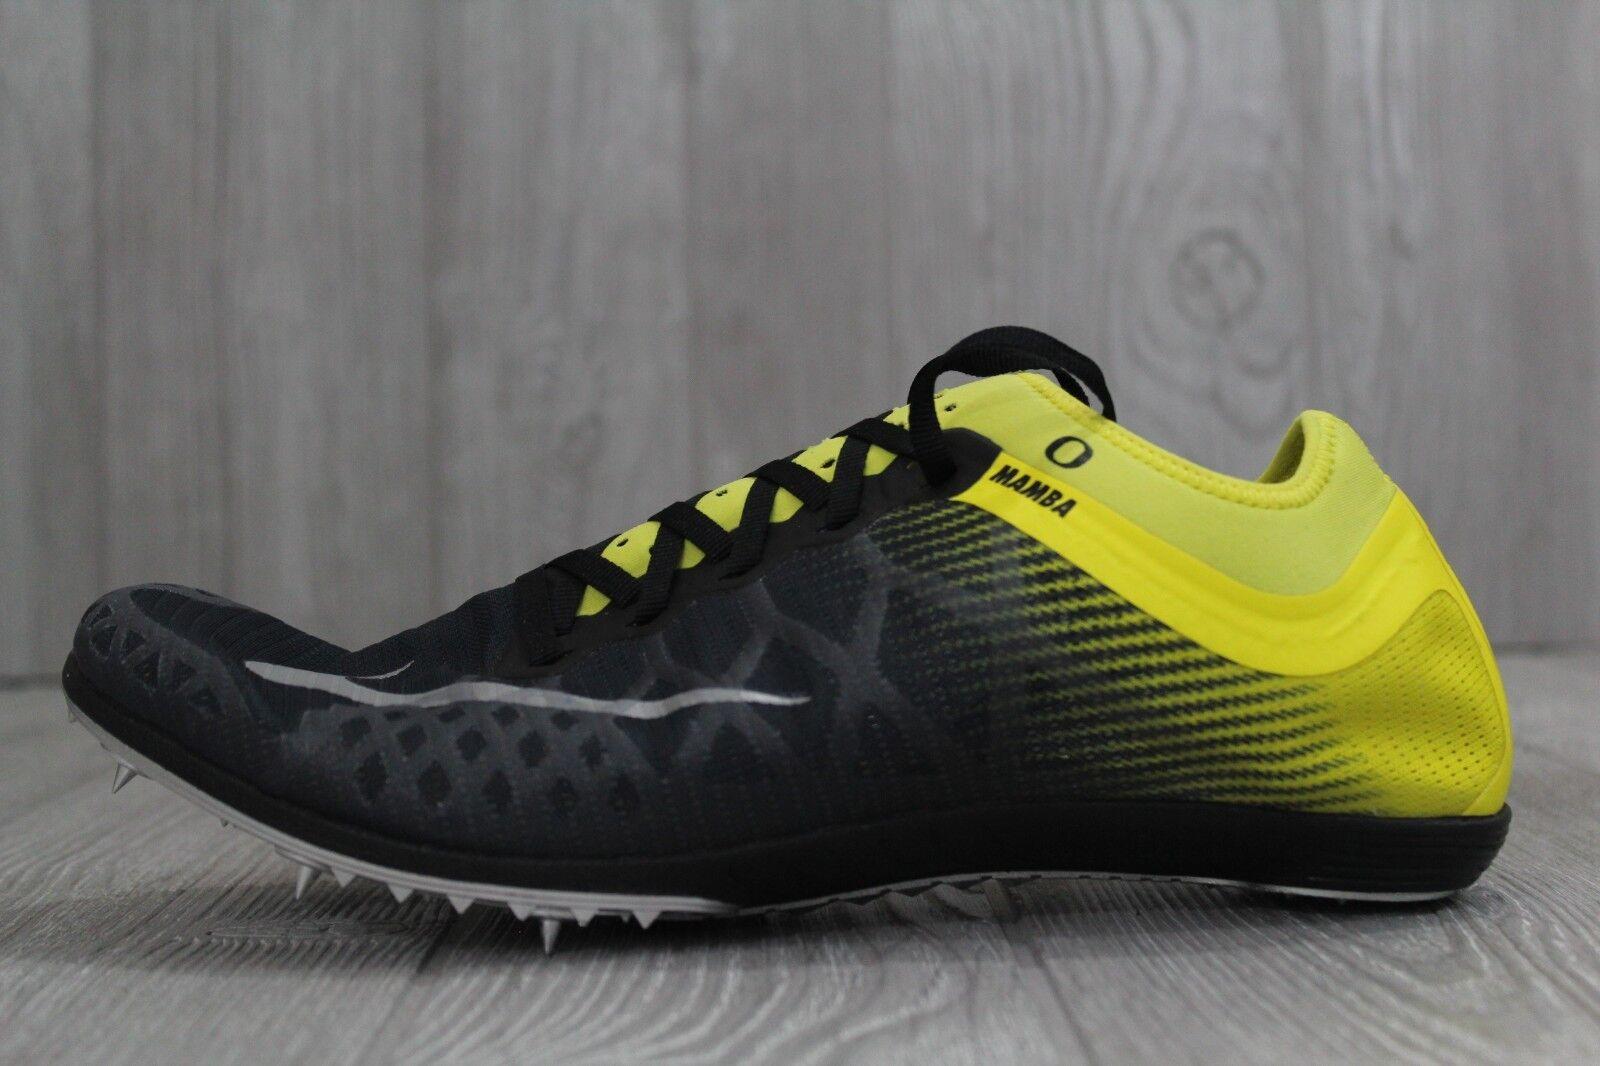 32 Nike Zoom Mamba 3 Oregon Ducks Track Spikes Nero Yellow 920762-007 Uomo 10